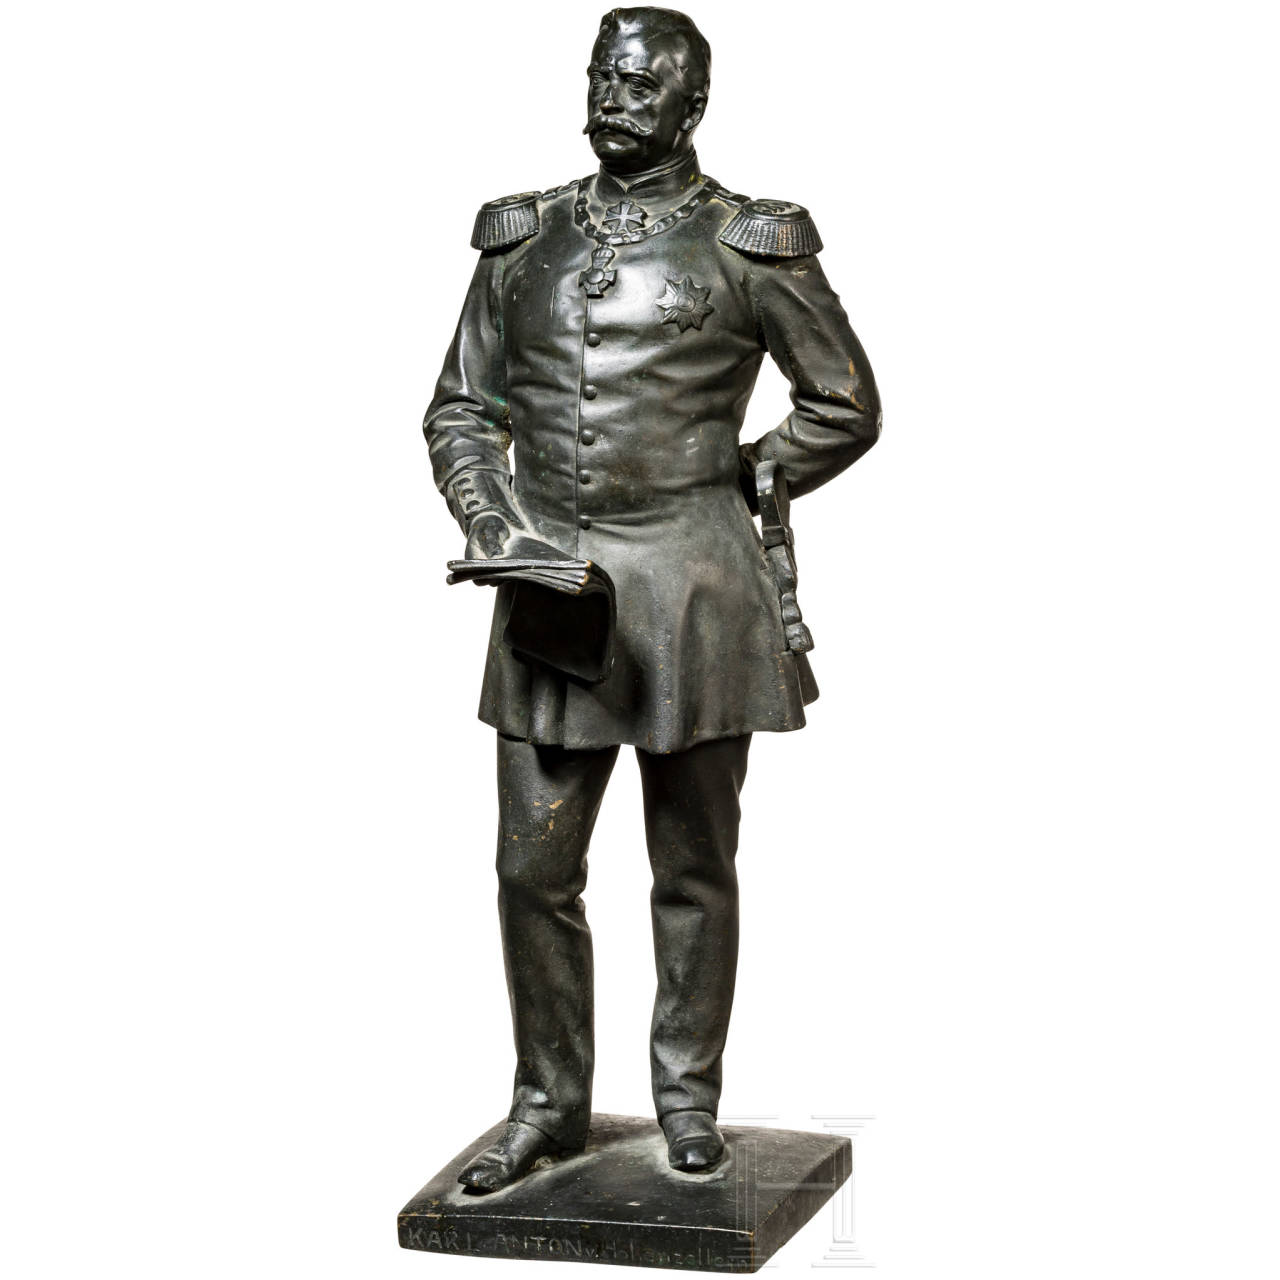 Bronzefigur des Prinzen Karl Anton von Hohenzollern (1811 - 1885) als General